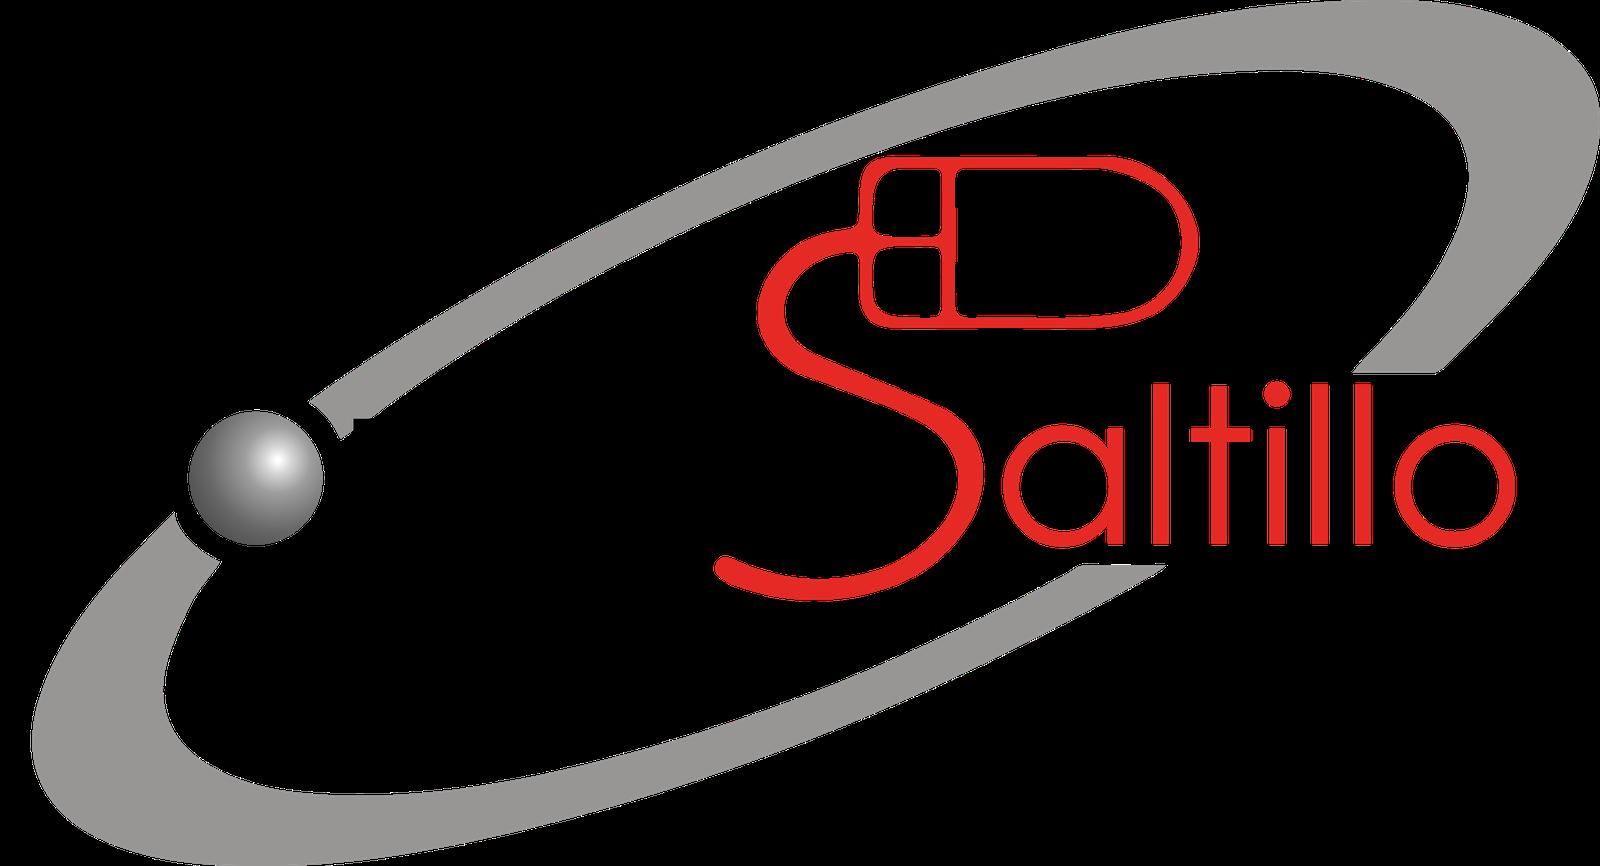 Compu-Saltillo